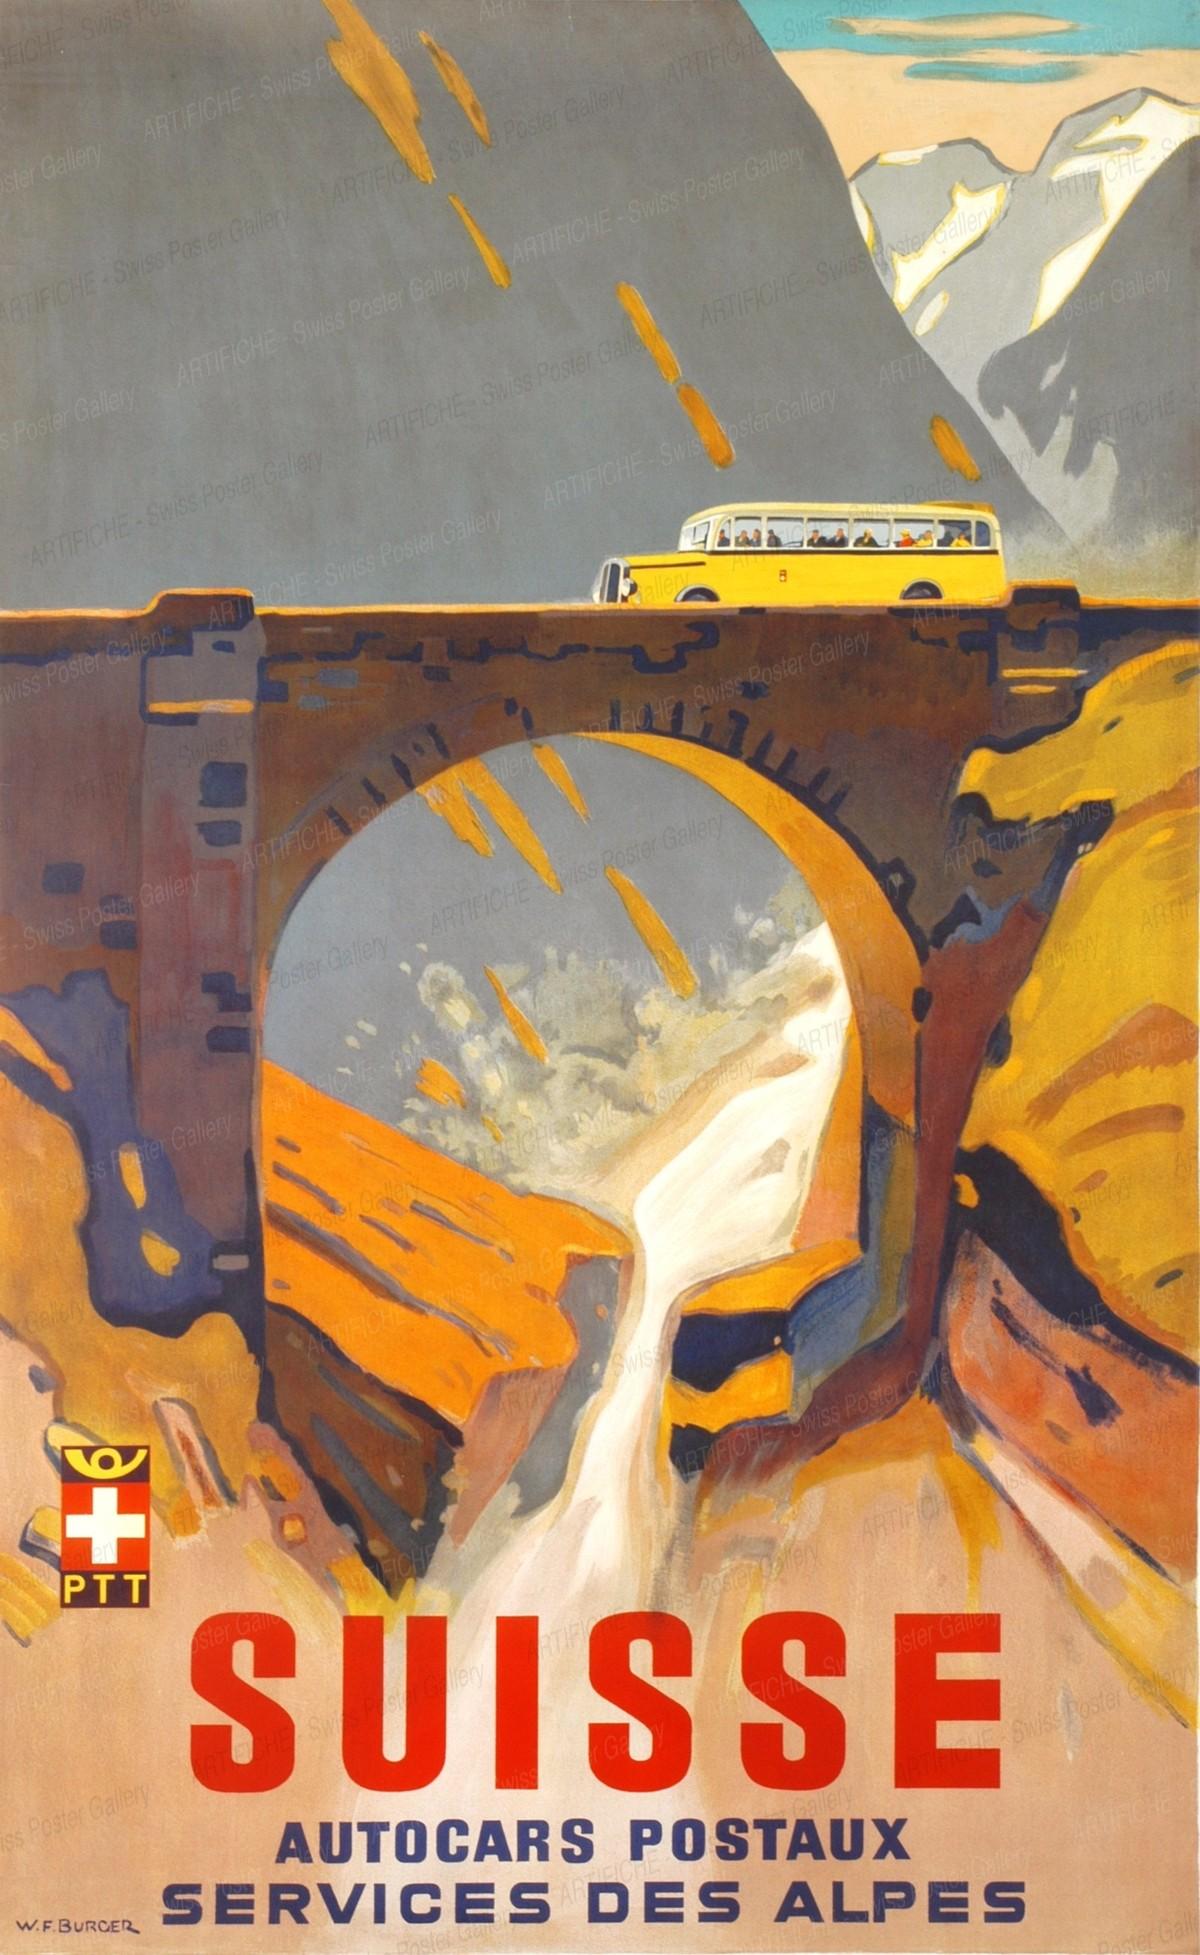 SUISSE – Autocars Postaux – Service des Alpes, Wilhelm Friedrich Burger